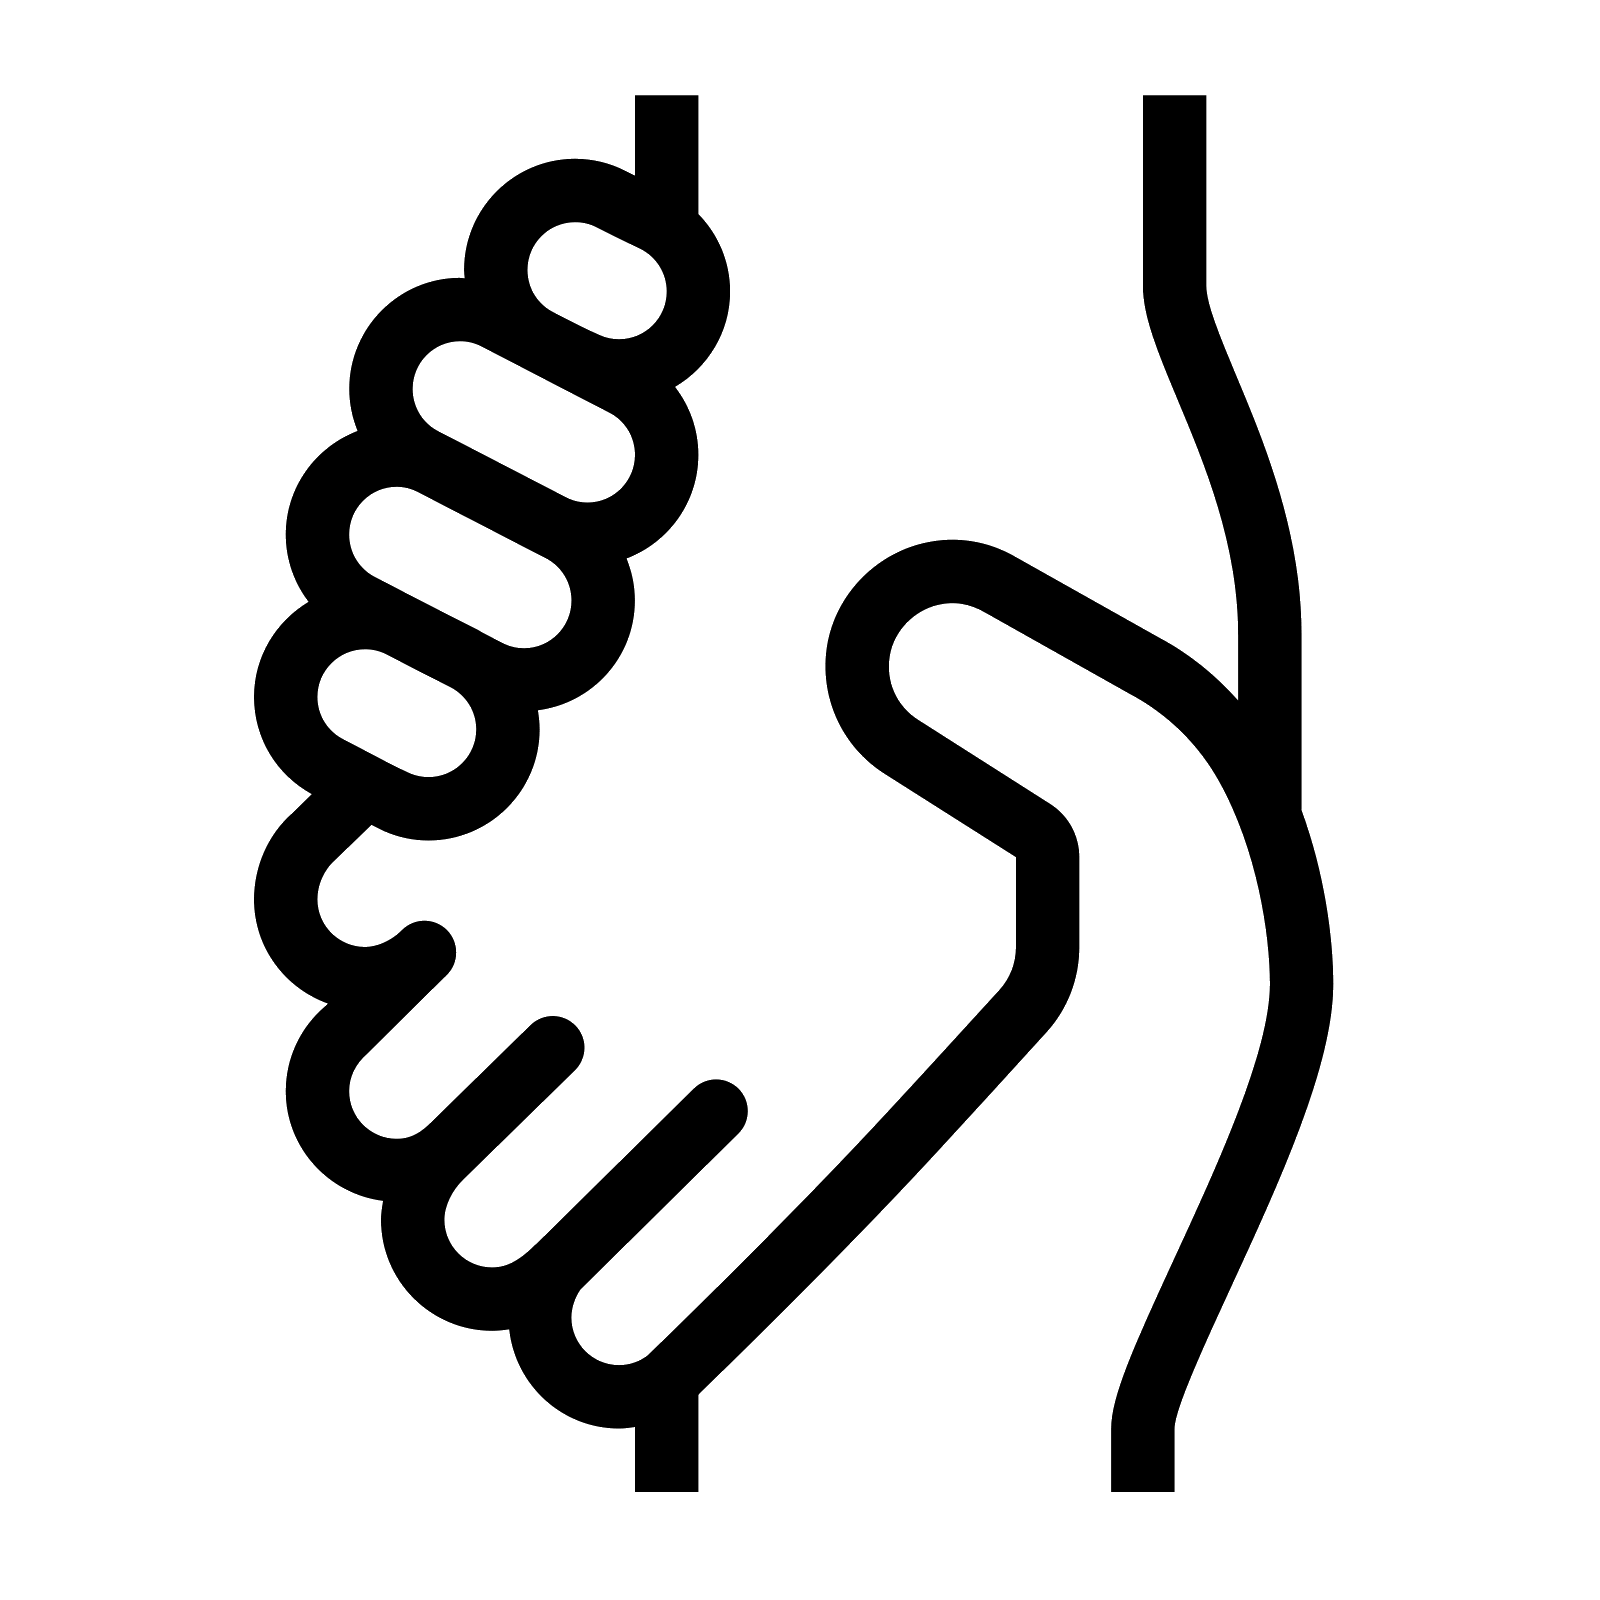 1600x1600 15 Help Vector Symbol For Free Download On Mbtskoudsalg